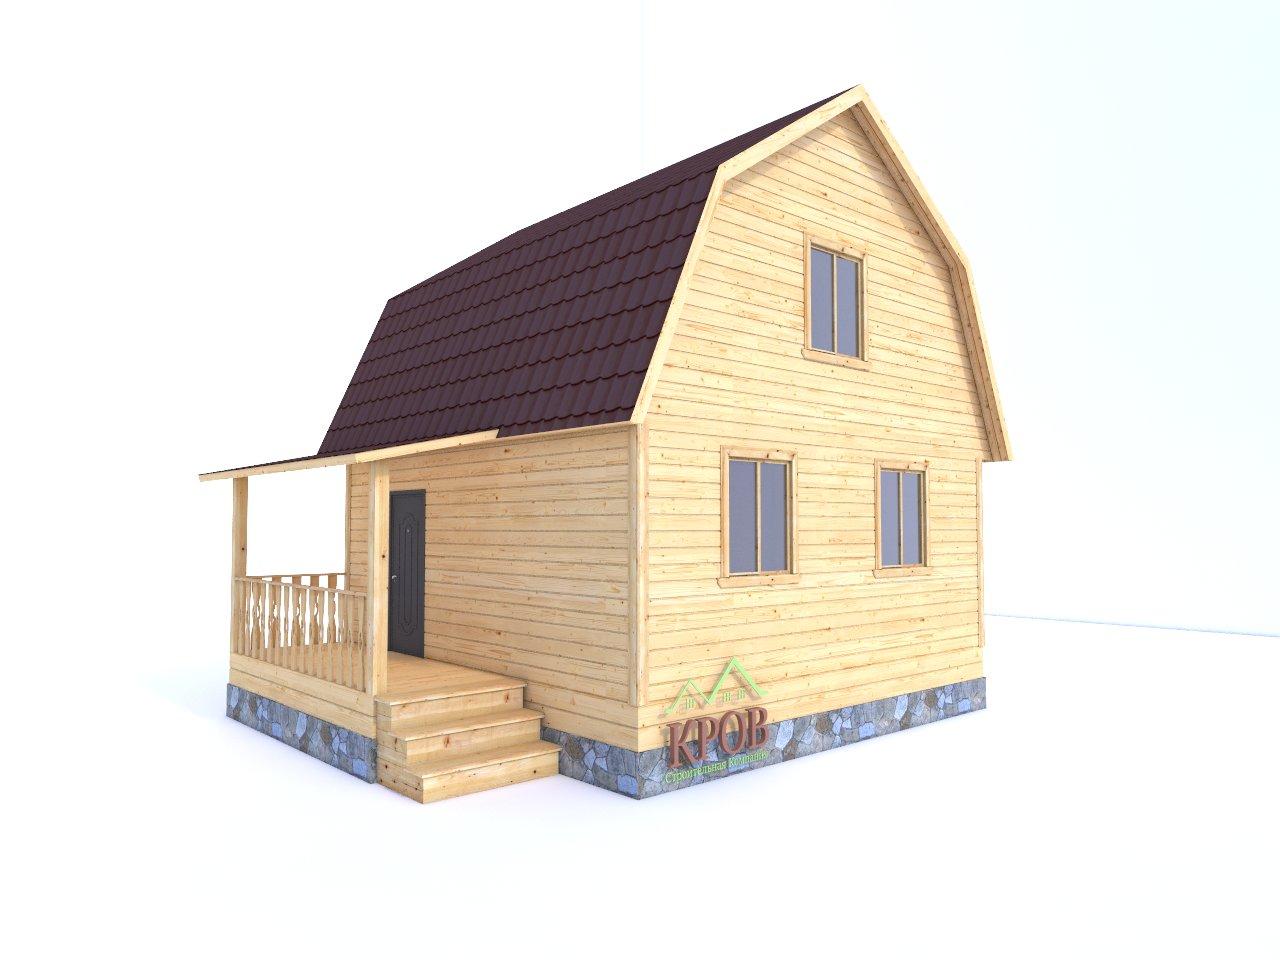 Дом из бруса с мансардным этажом 7,5 на 6 с крыльцом